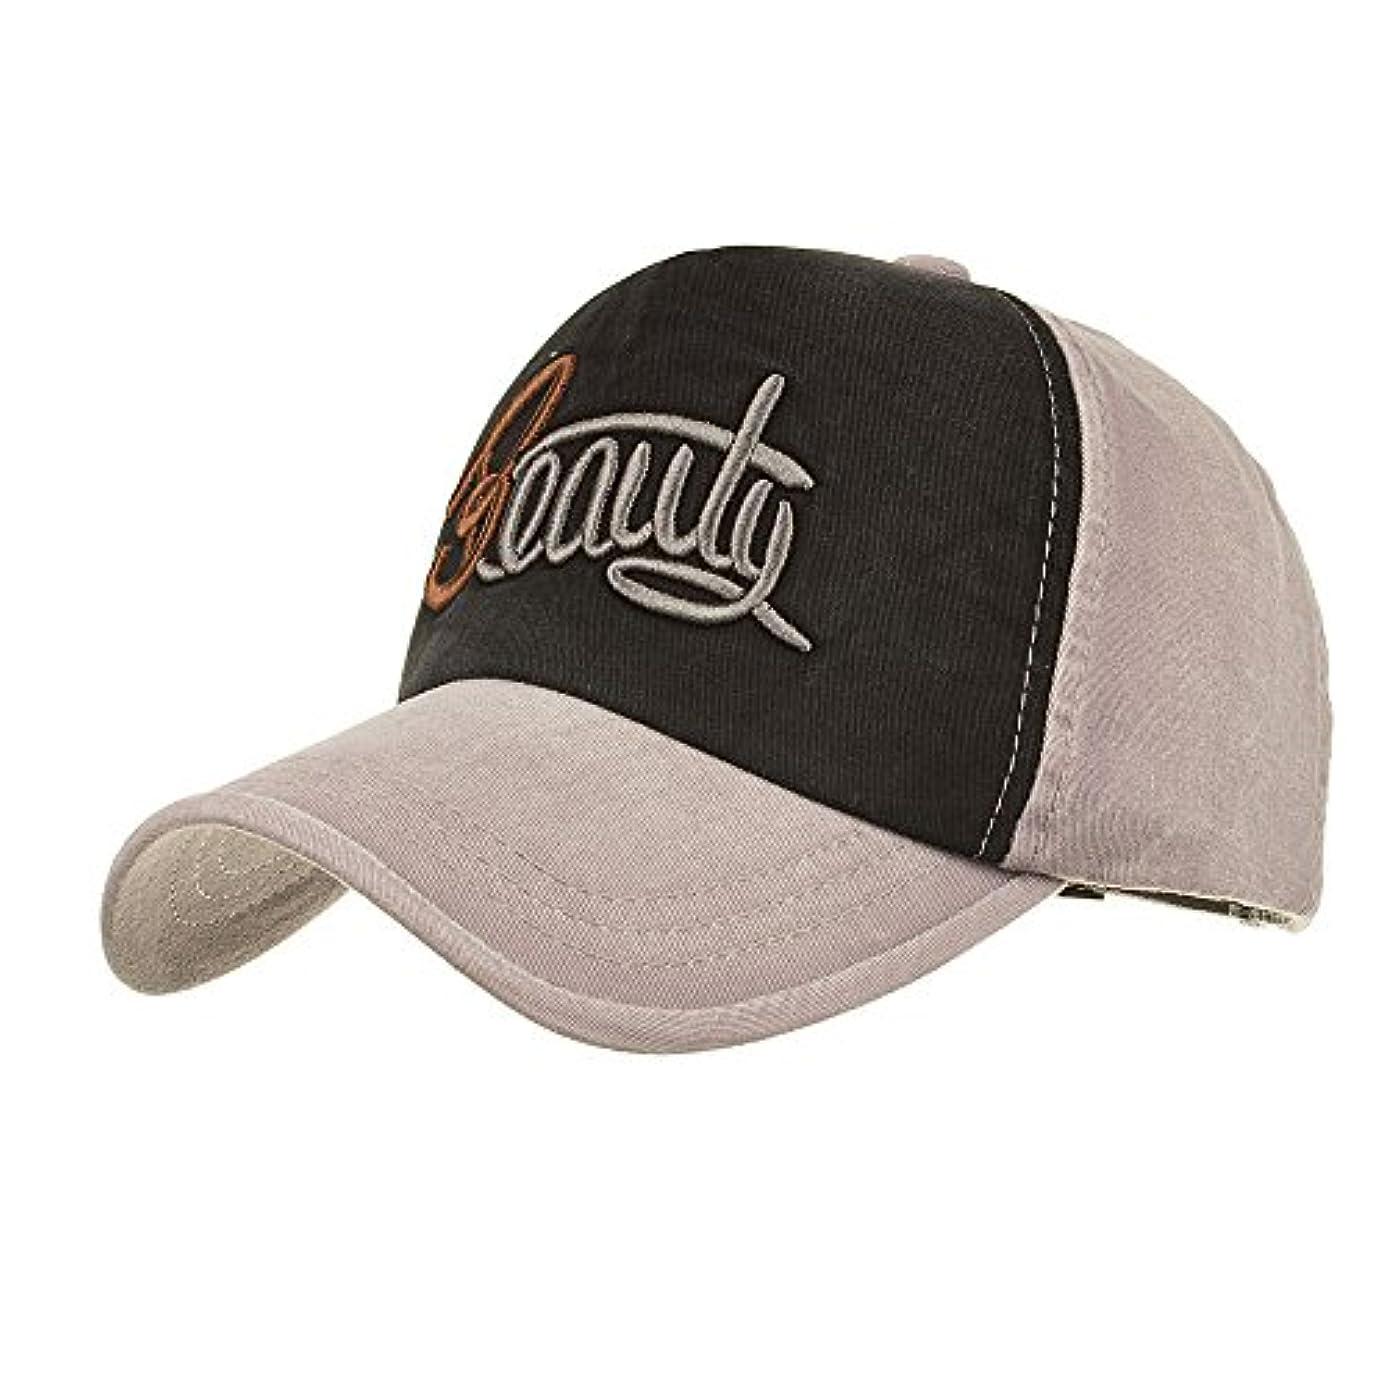 衛星未来ほうきRacazing Cap パッチワーク刺繍 ヒップホップ 野球帽 通気性のある 帽子 夏 登山 可調整可能 棒球帽 UV 帽子 軽量 屋外 Unisex Hat (グレー)